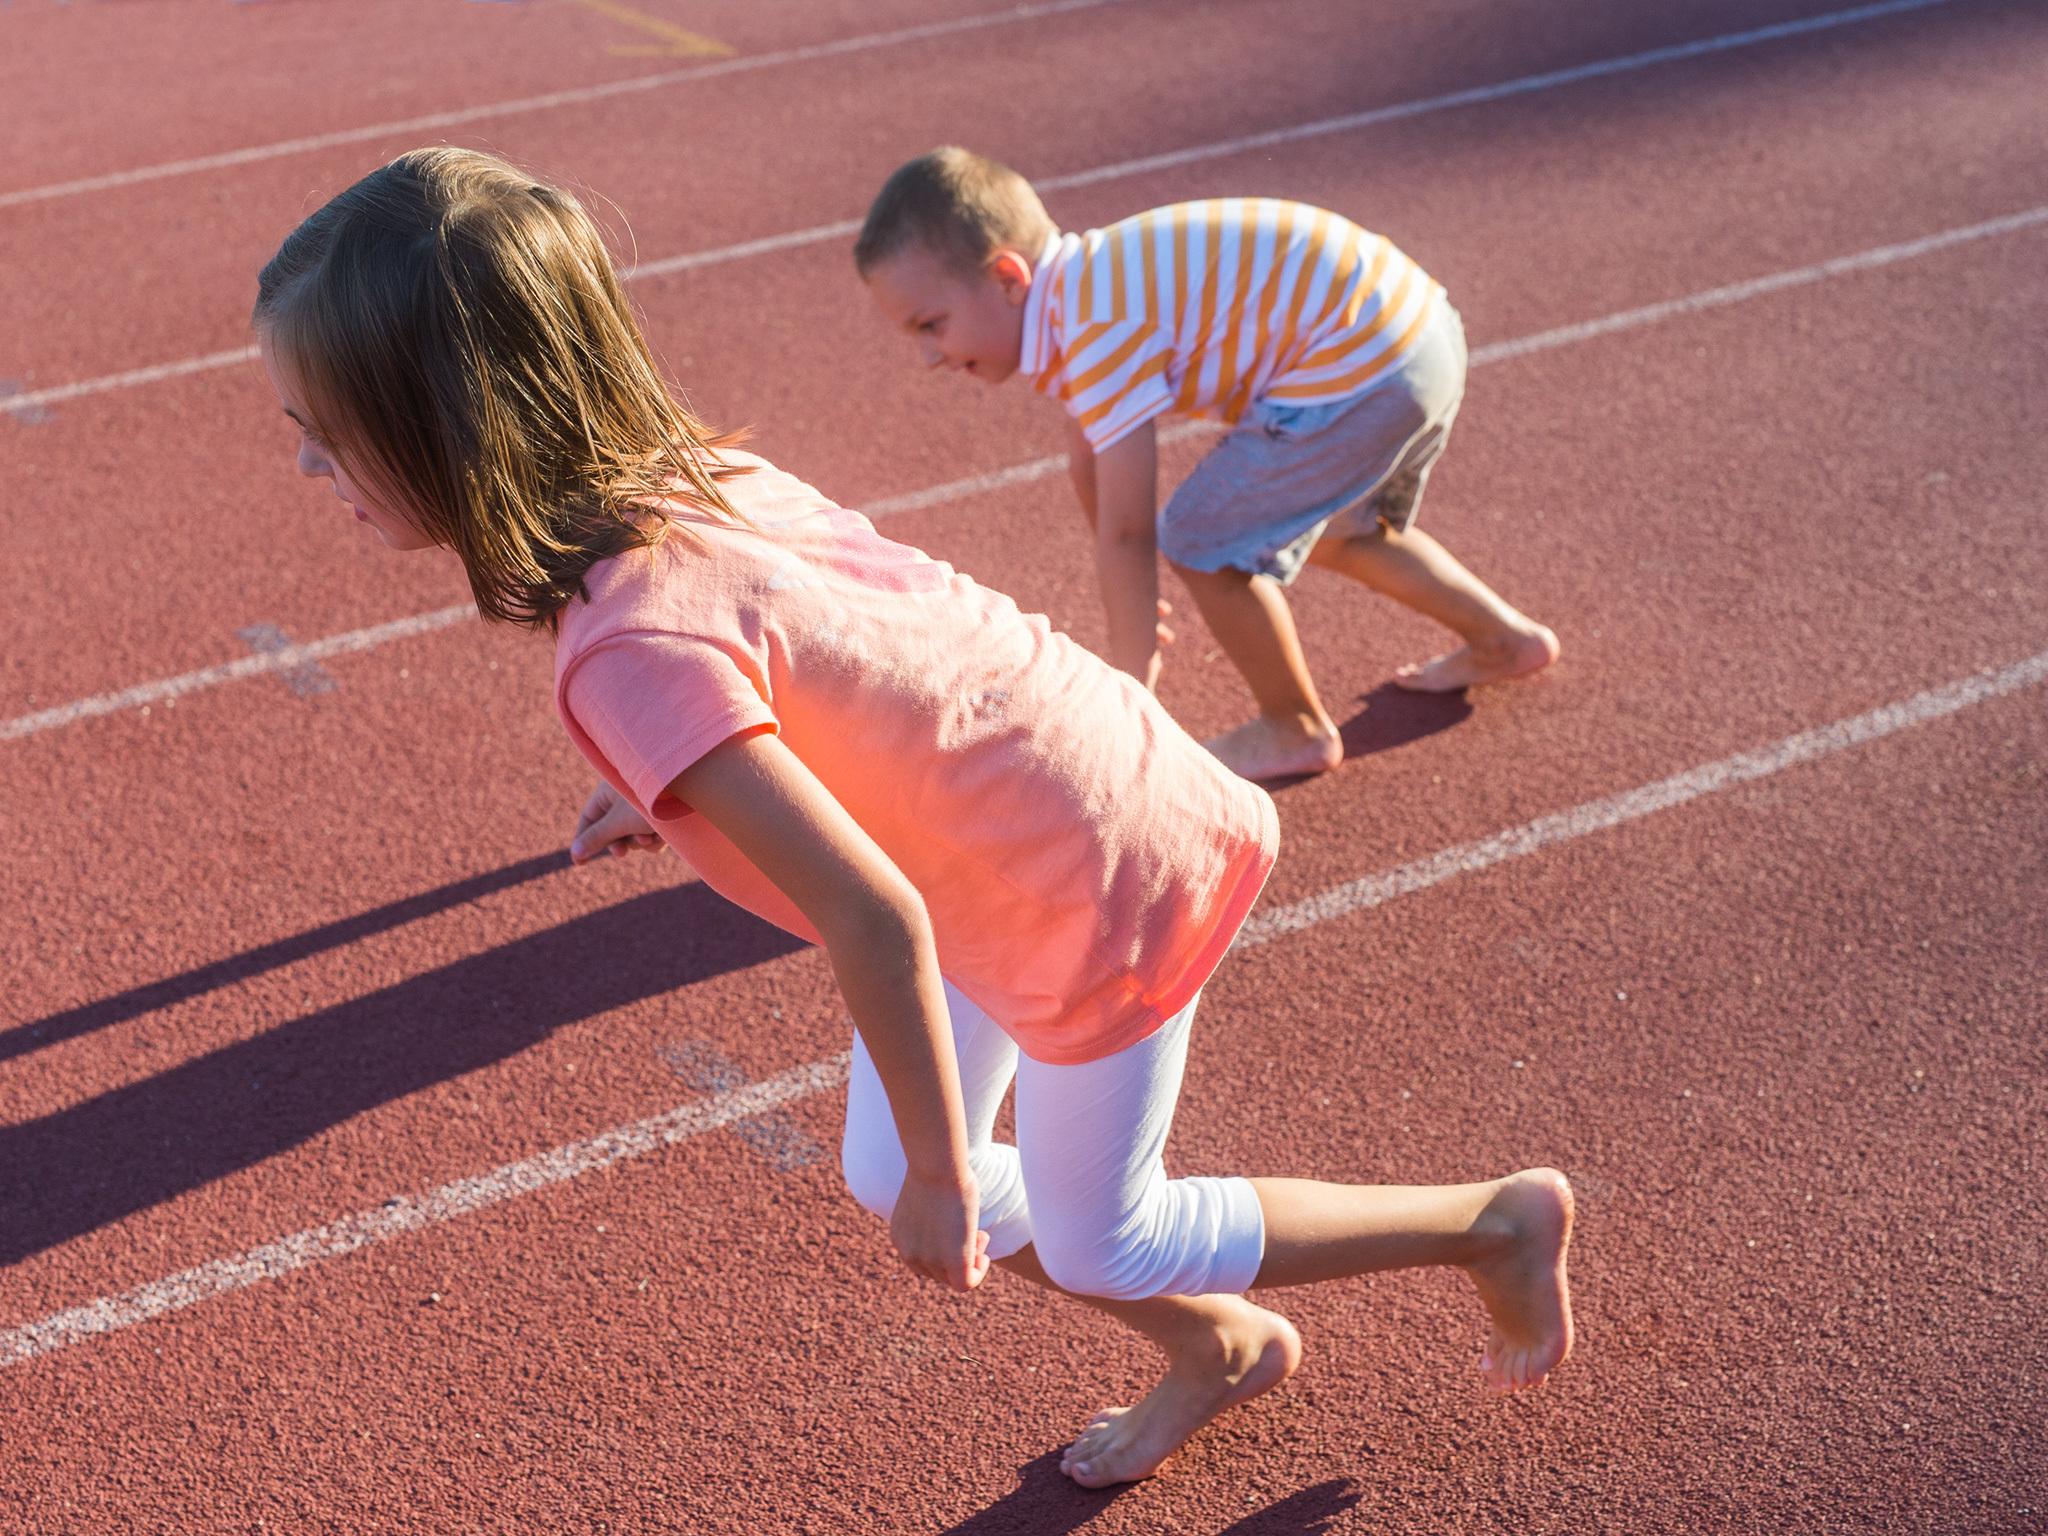 Atletismo para niños en Mixuca